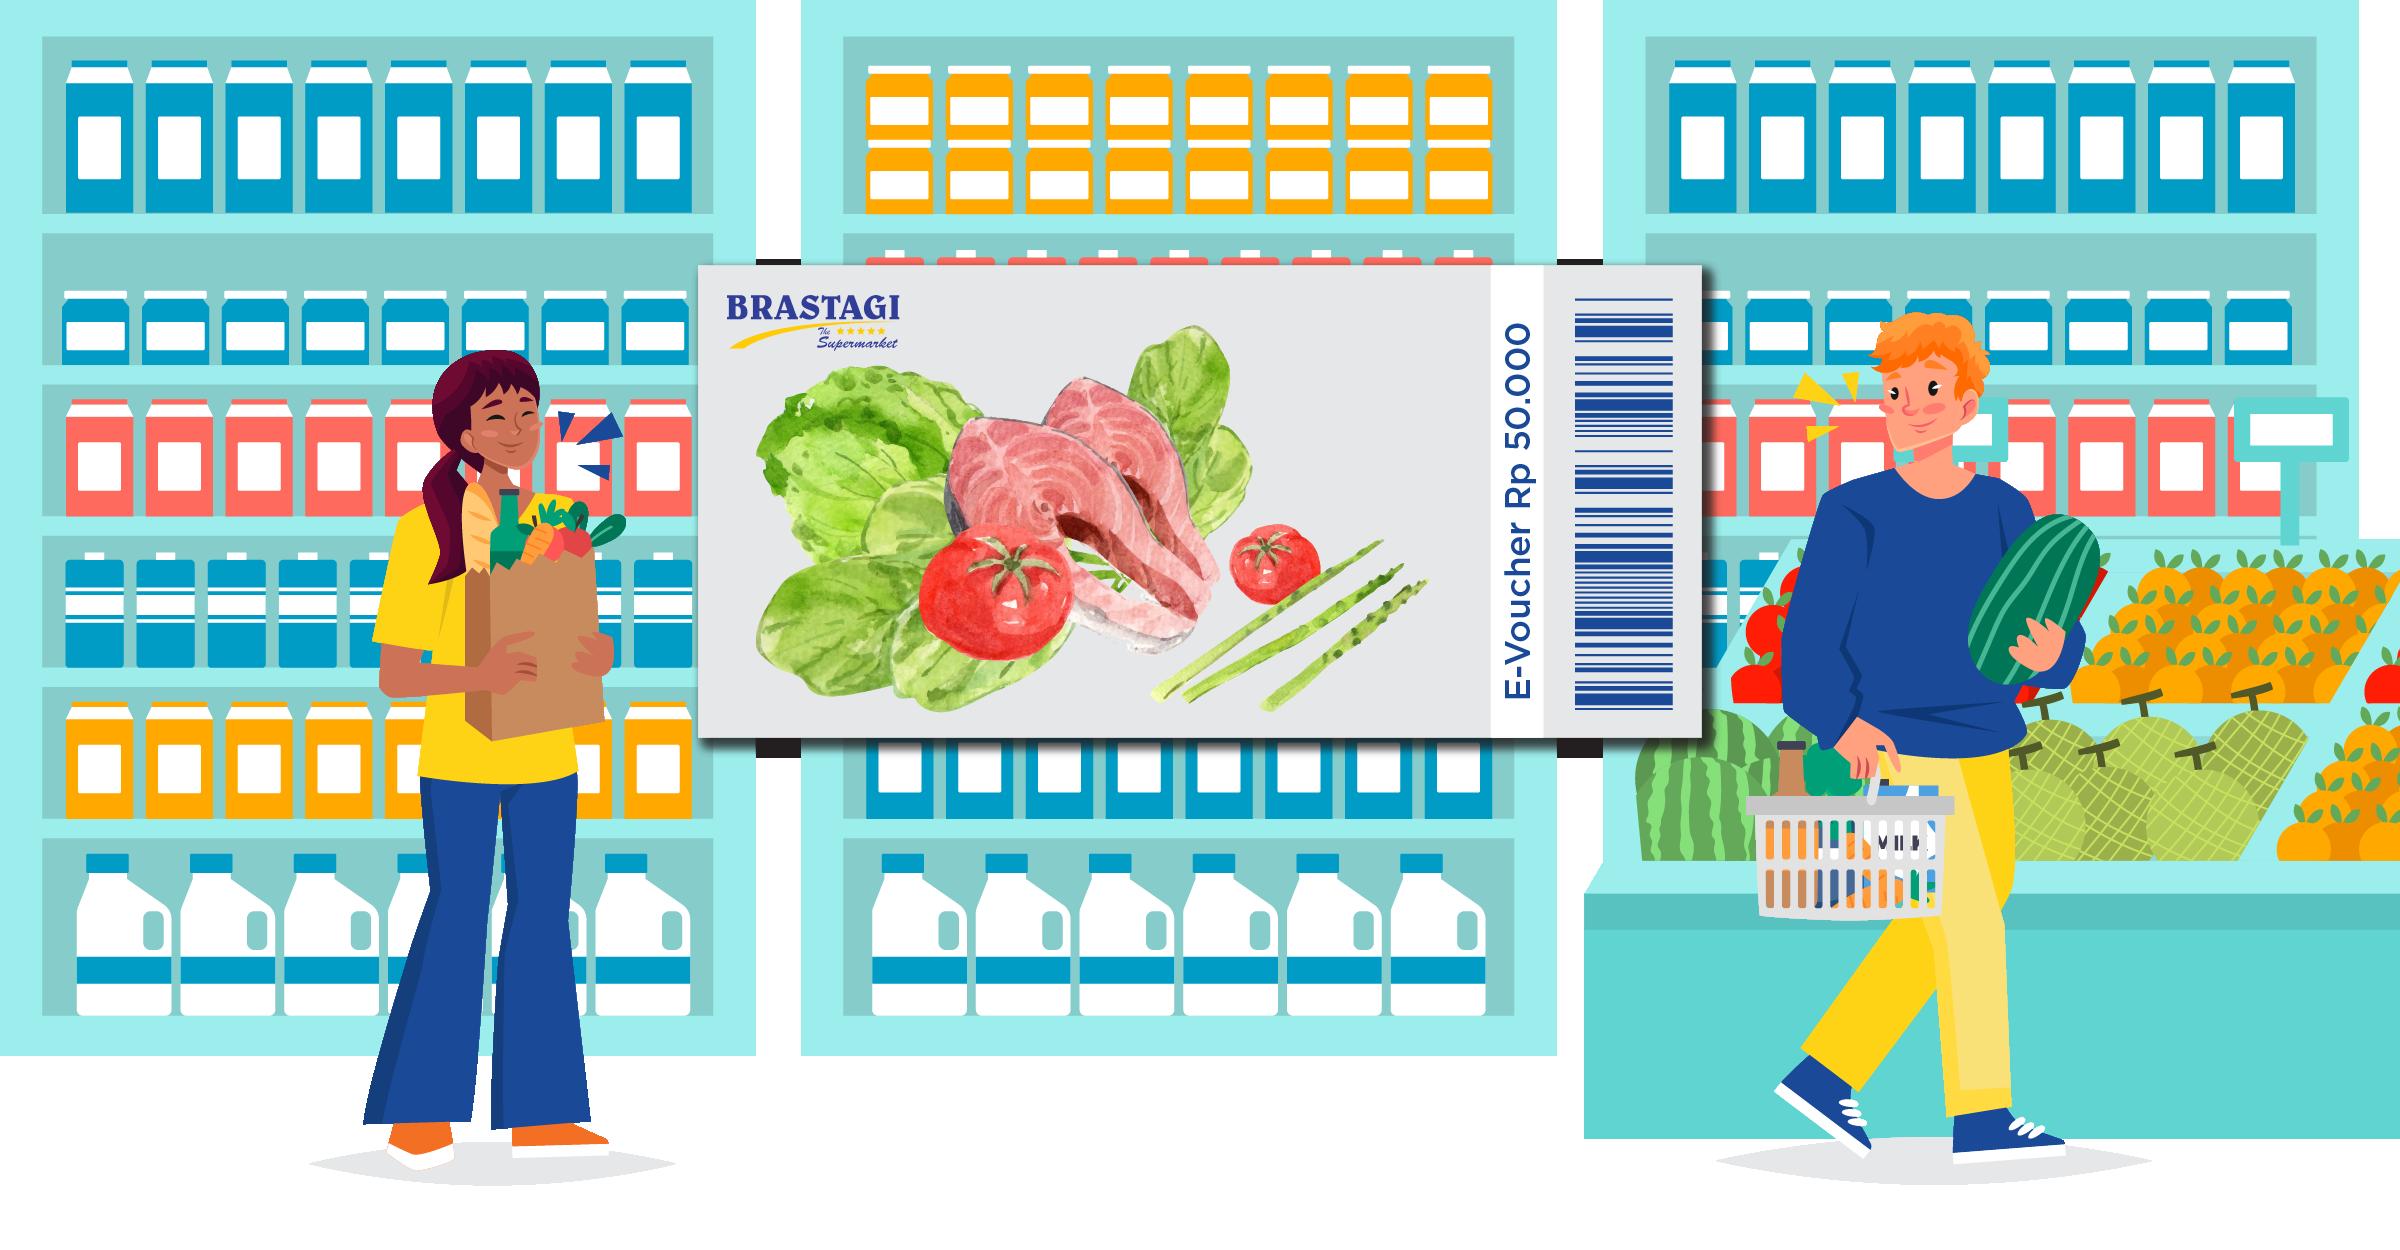 Brastagi Supermarket Medan Voucher